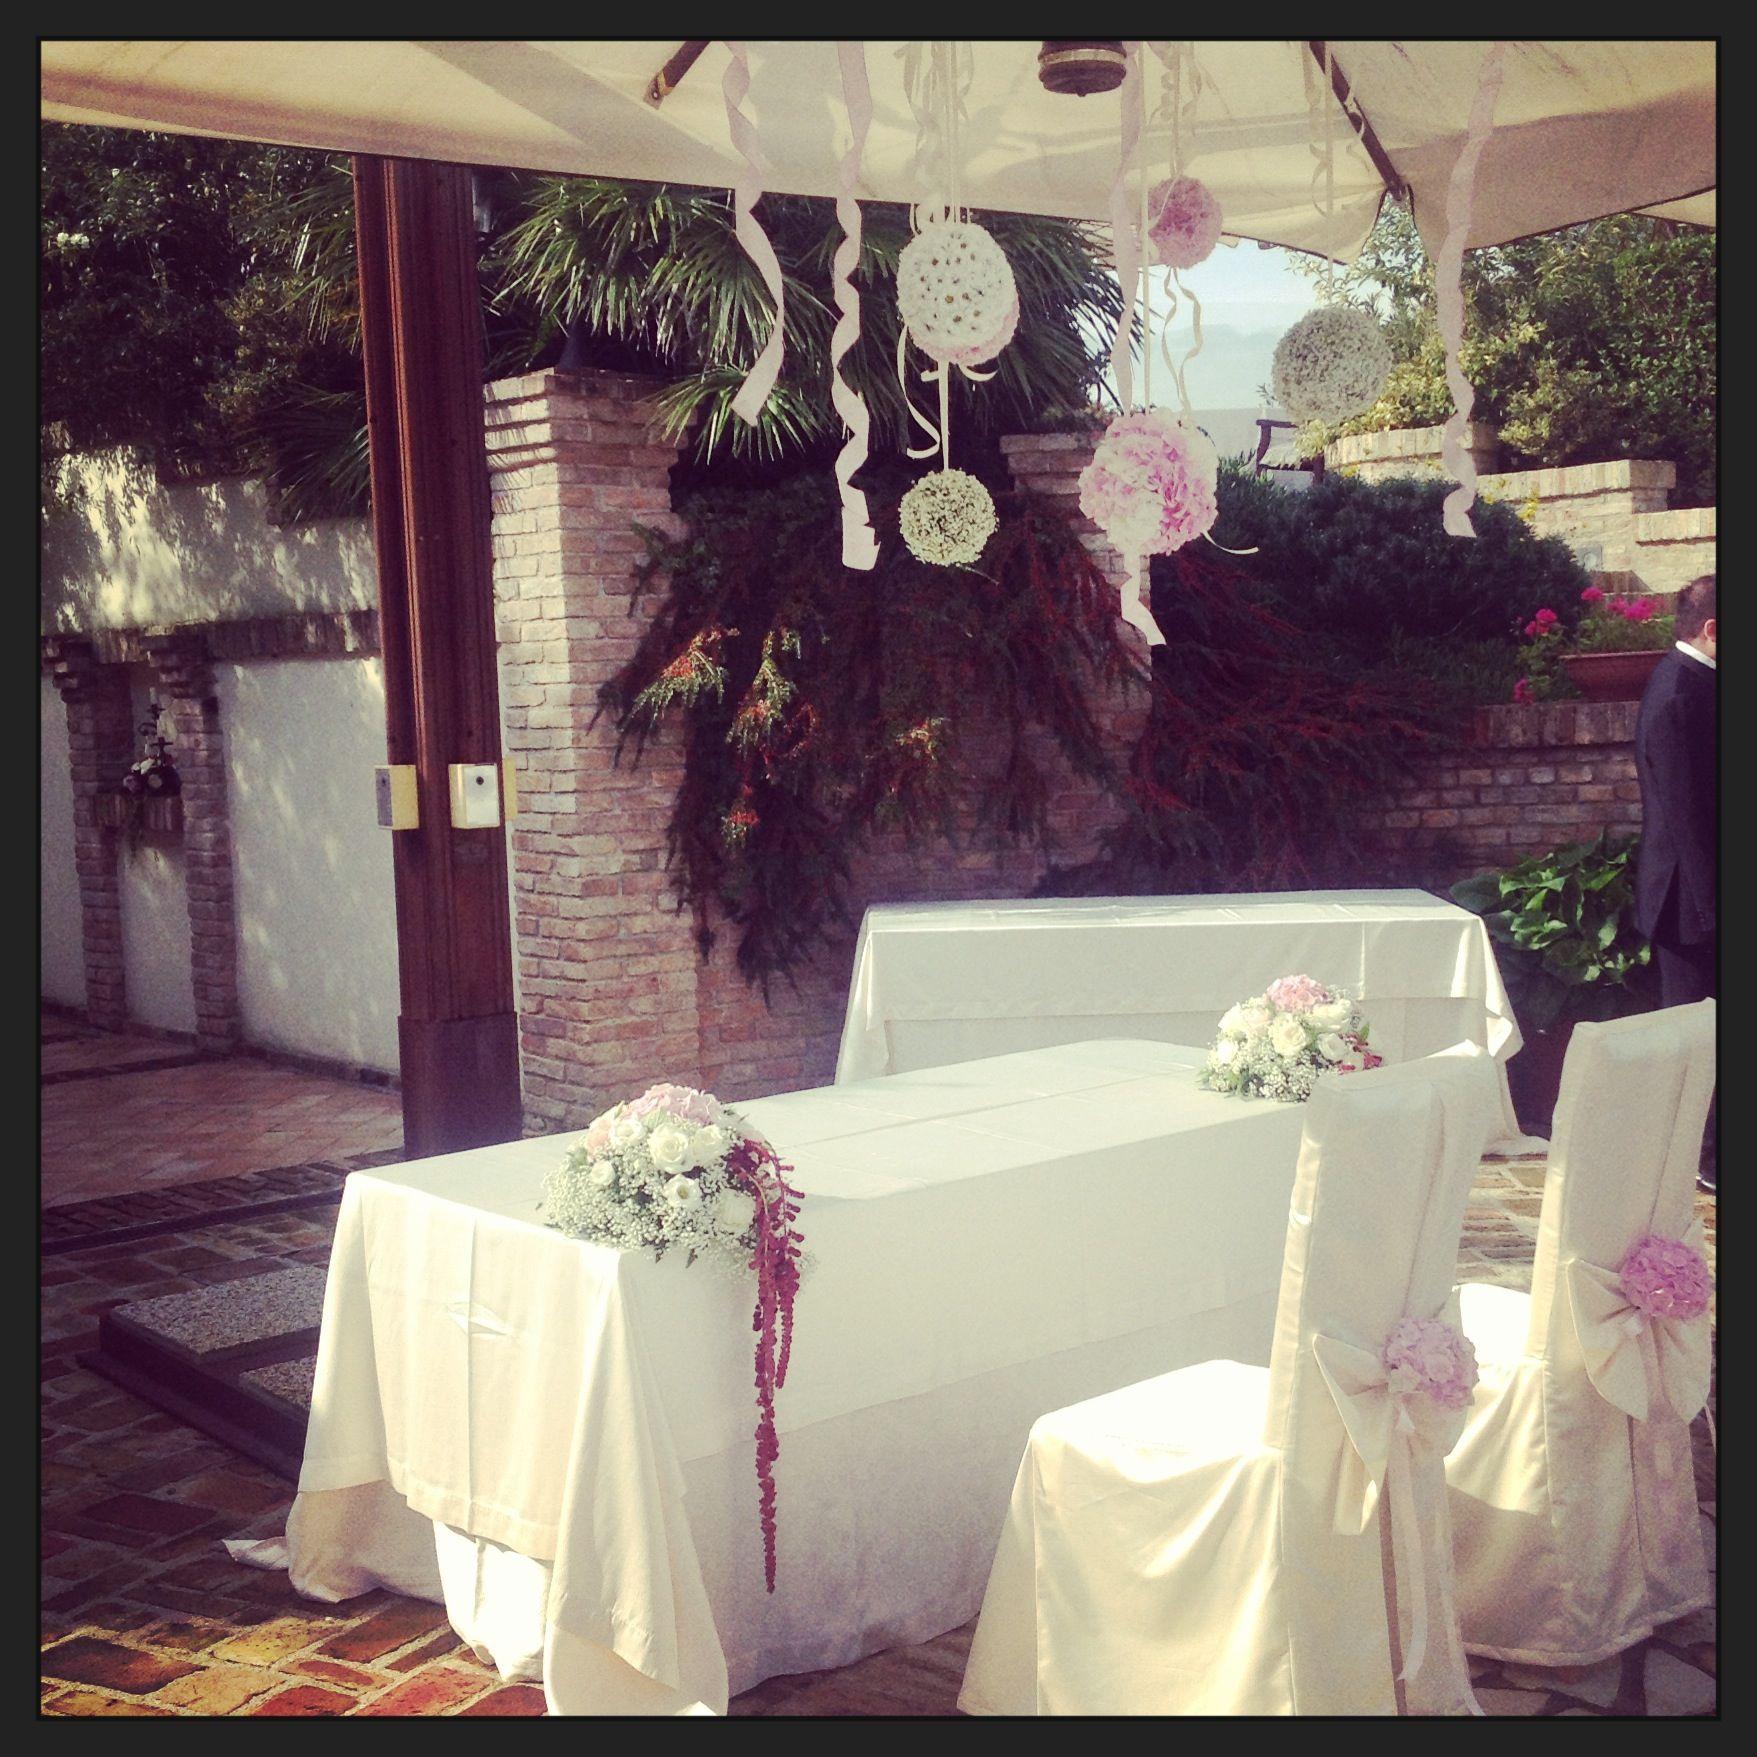 È tutto pronto per la cerimonia in Villa dei nostri sposi Gianni&Sabrina... #villaitramonti #wedding #Gianni&Sabrina #cerimonia#in#villa #rimini #pesaro #dolcezze